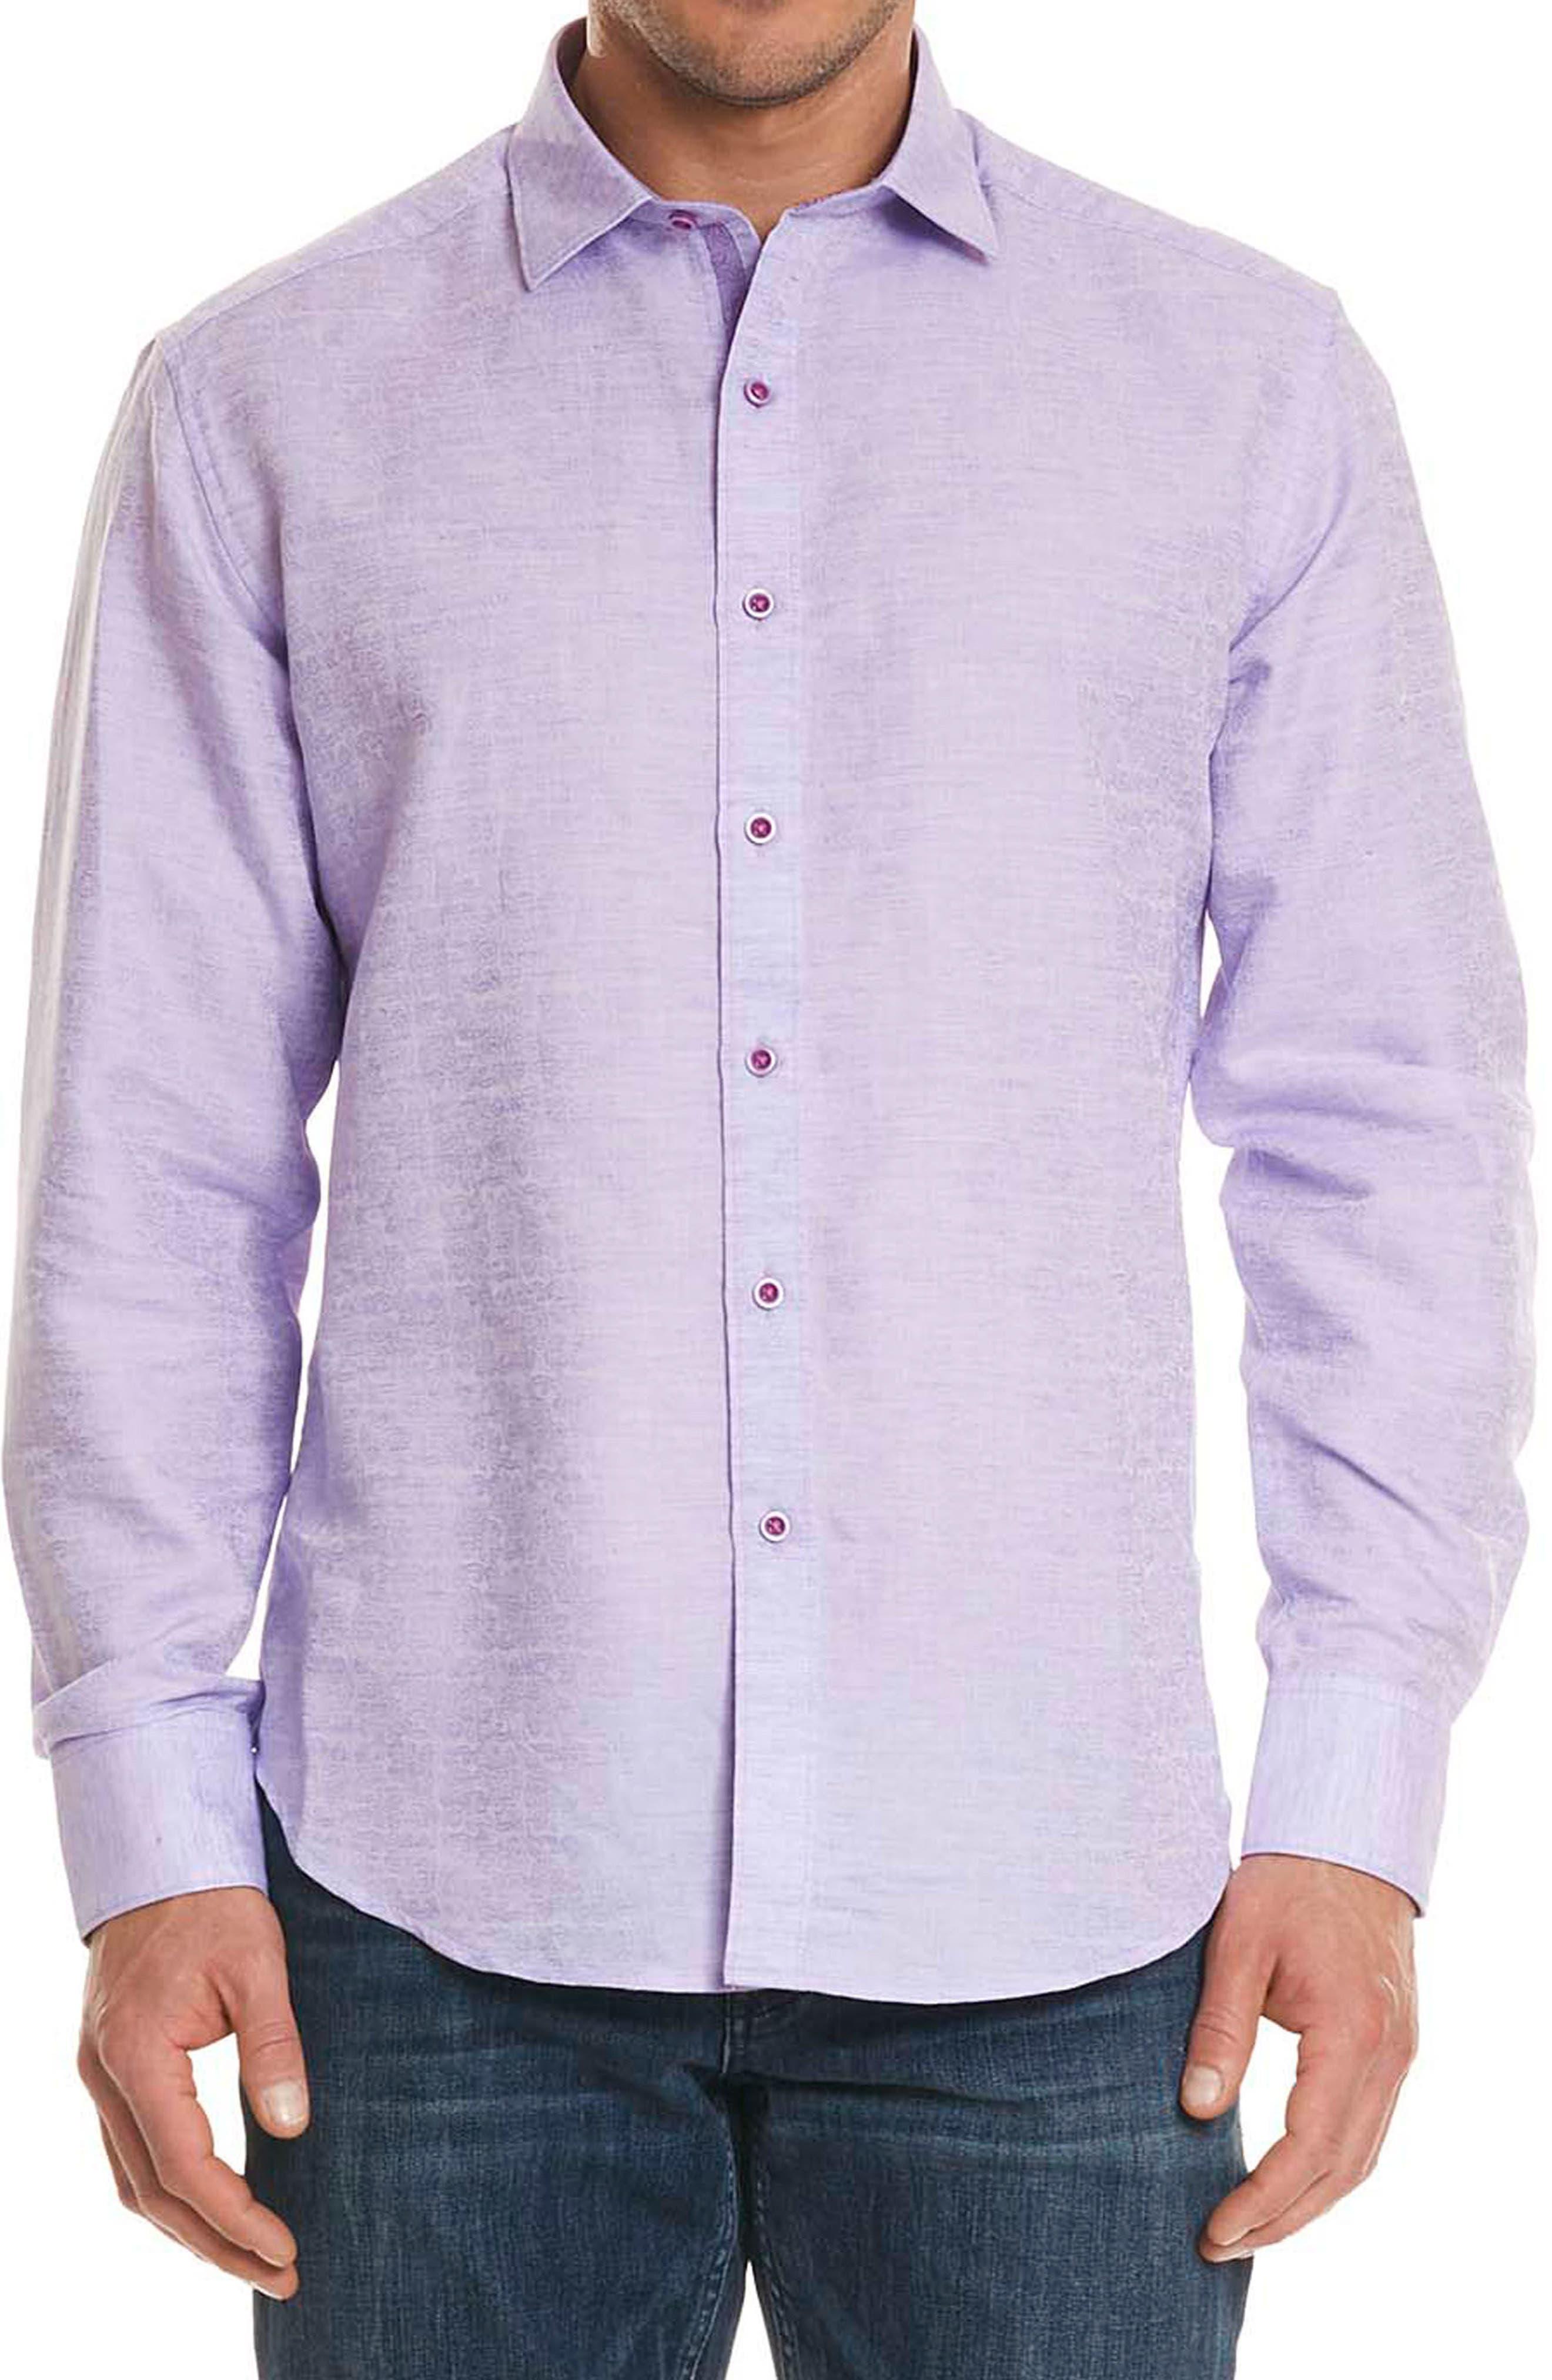 Cyprus Classic Fit Linen & Cotton Sport Shirt,                         Main,                         color, PURPLE